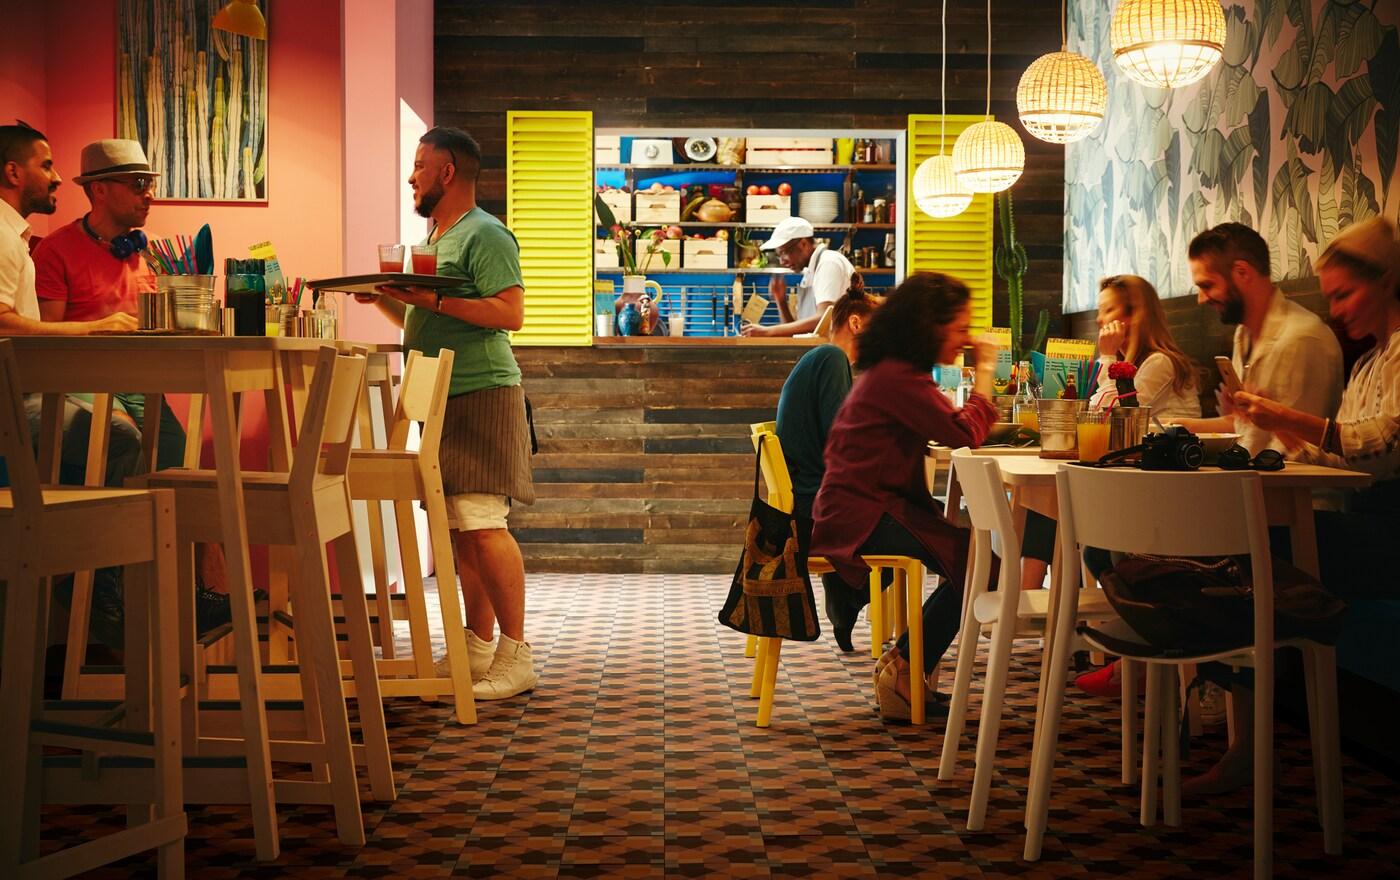 В ассортименте розничной сети ИКЕА представлена качественная и доступная мебель, а также мелкие товары для больших мечтателей и небольших предприятий, включая рестораны.